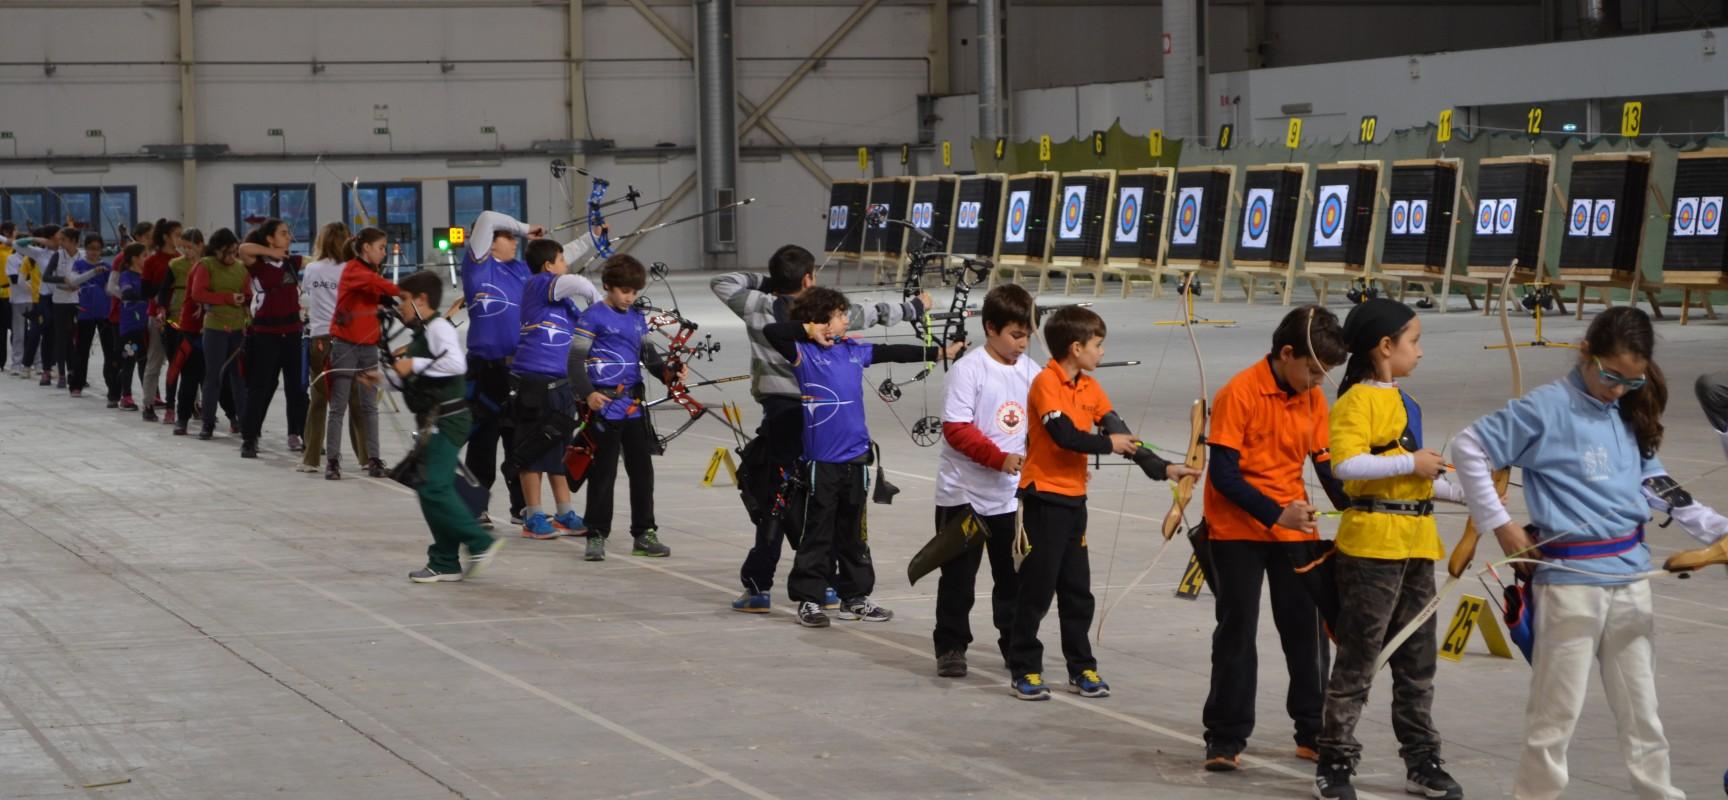 Πανελλήνιο Πρωτάθλημα μικρών κατηγοριών που απευθύνεται σε αθλητές ηλικίας 8 έως 14 ετών